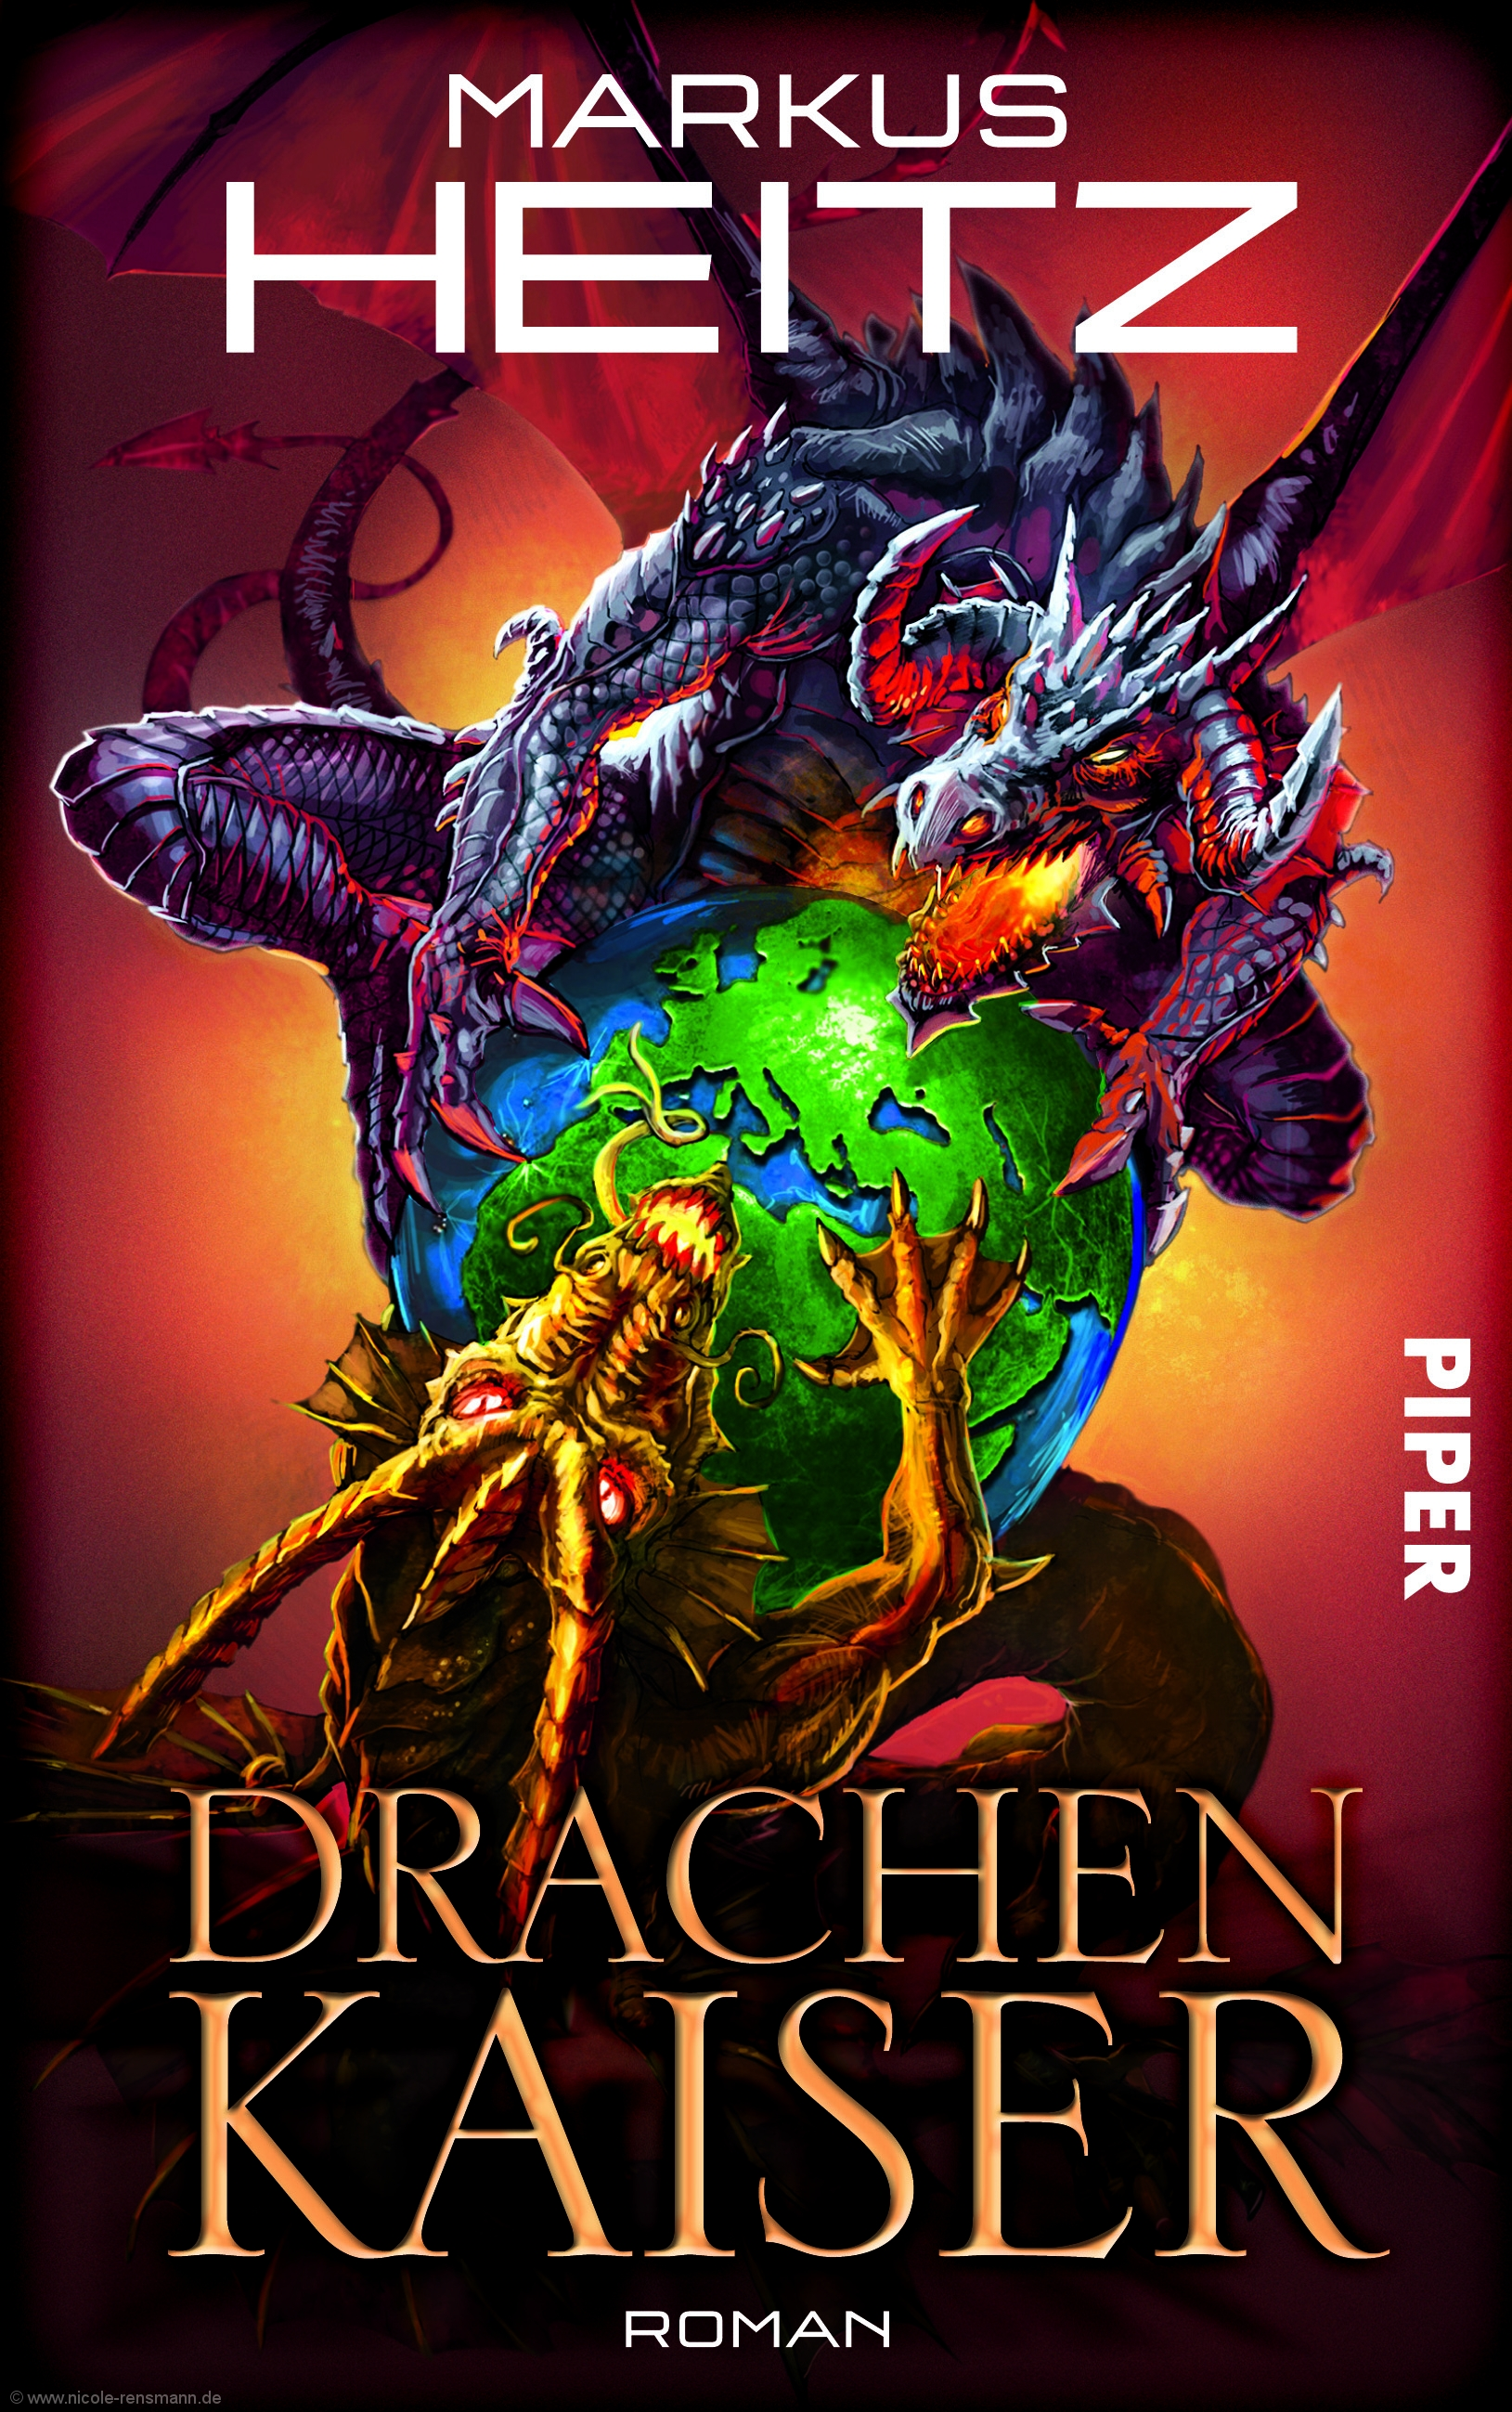 Cover, Markus Heitz: Drachenkaiser